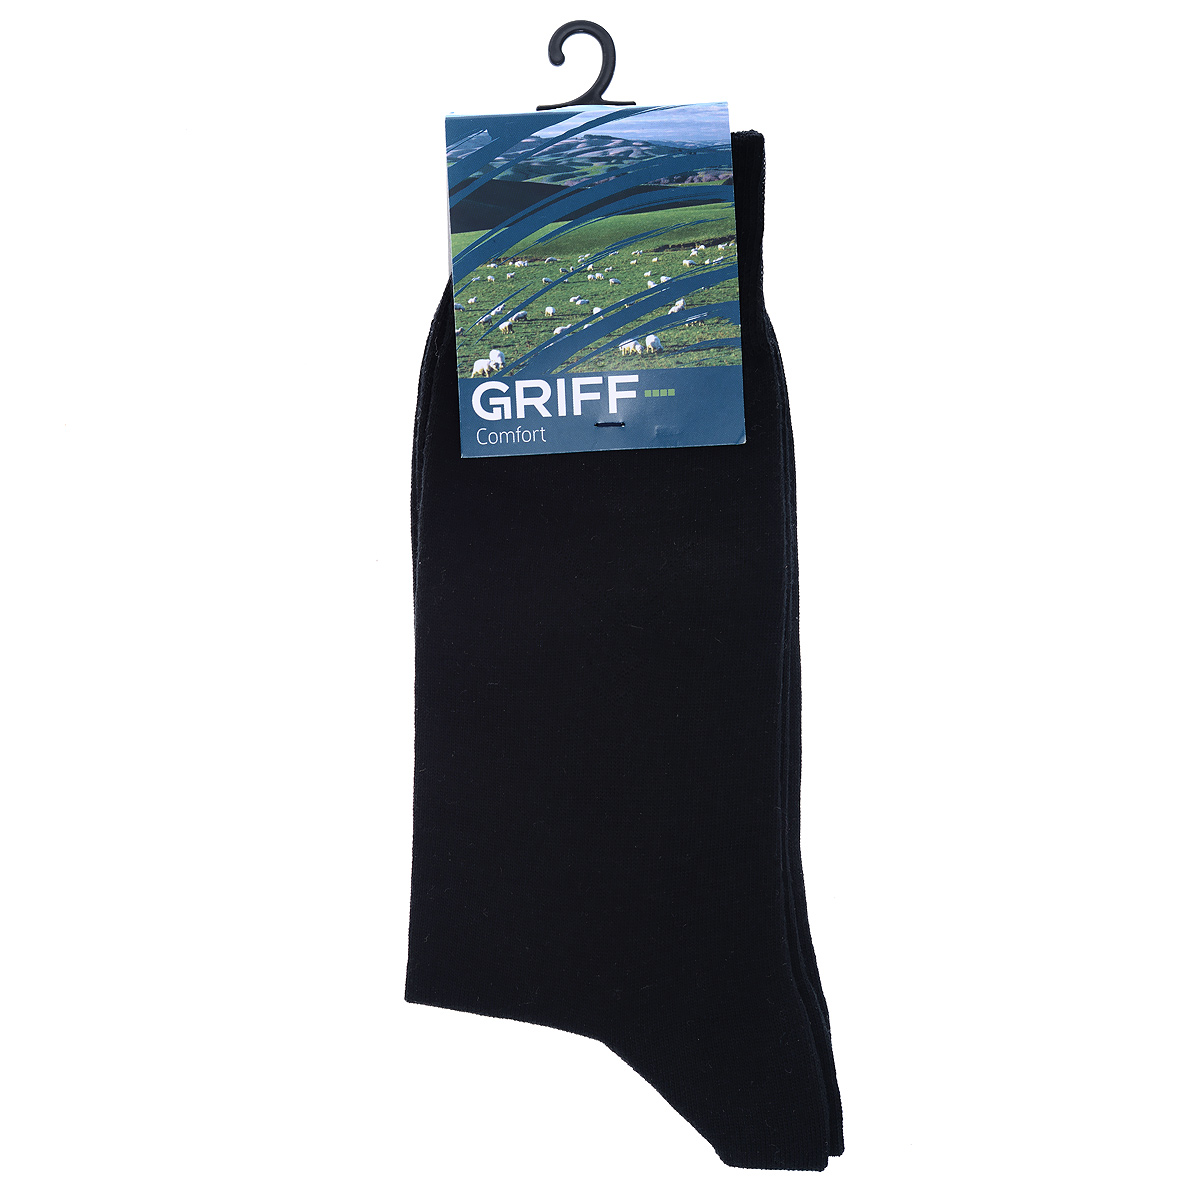 Носки мужские Griff Comfort, цвет: черный. М2. Размер 45/47М2Мужские носки Griff Comfort с удлиненным паголенком изготовлены из высококачественного волокна - хлопок SeaCell. Комфортная широкая резинка пресс-контроль не сдавливает и комфортно облегает ногу. Усиленные пятка и мысок повышают износоустойчивость носка.